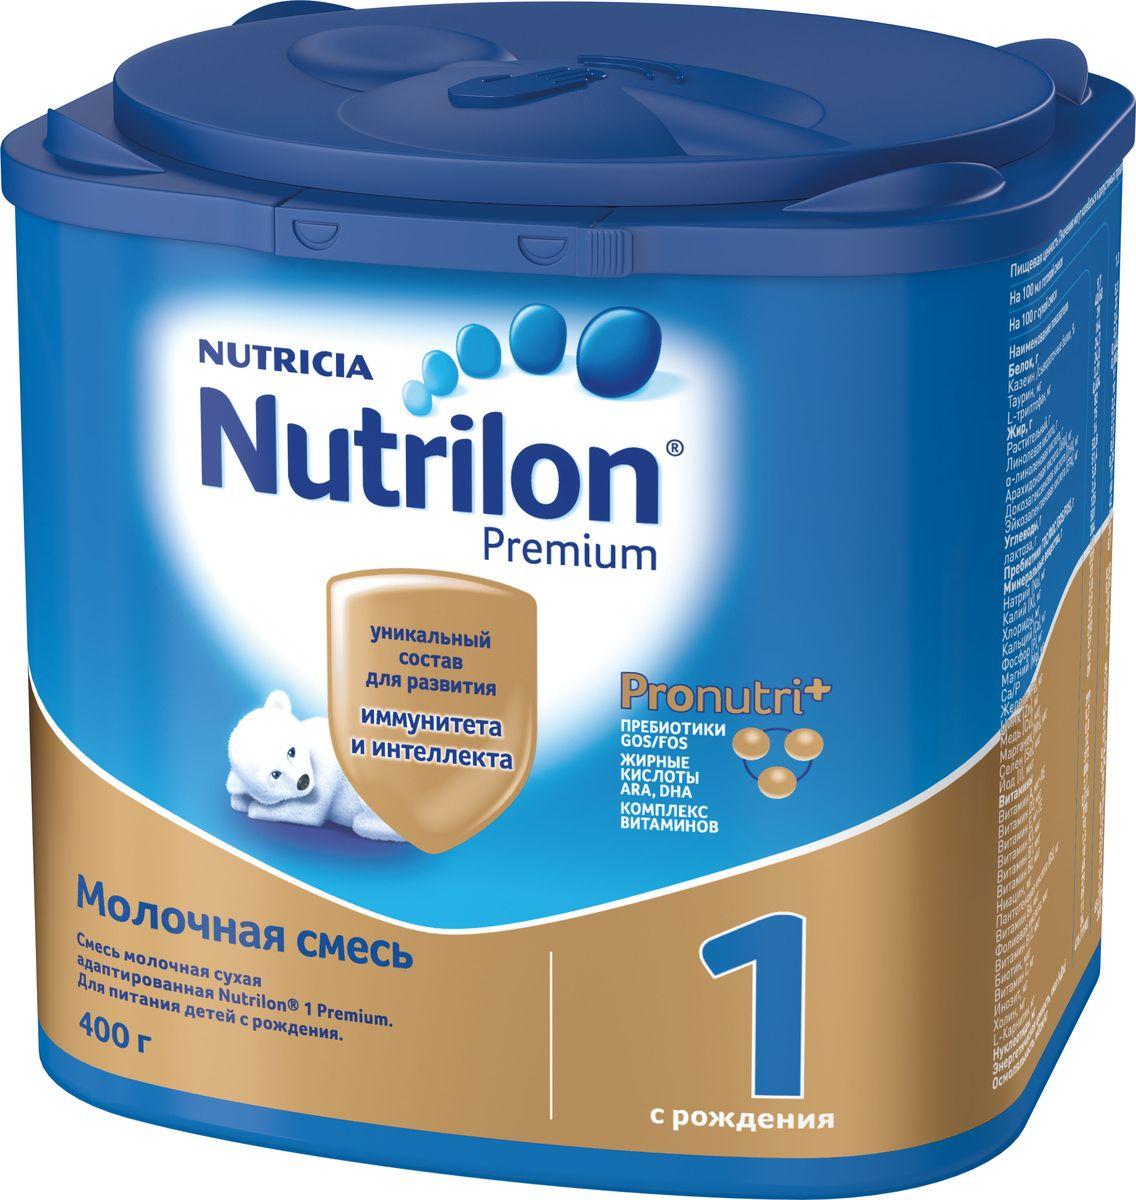 Nutrilon Премиум 1 молочная смесь PronutriPlus, с рождения, 400 г фруктовые чипсы fitfruits груша 20 г